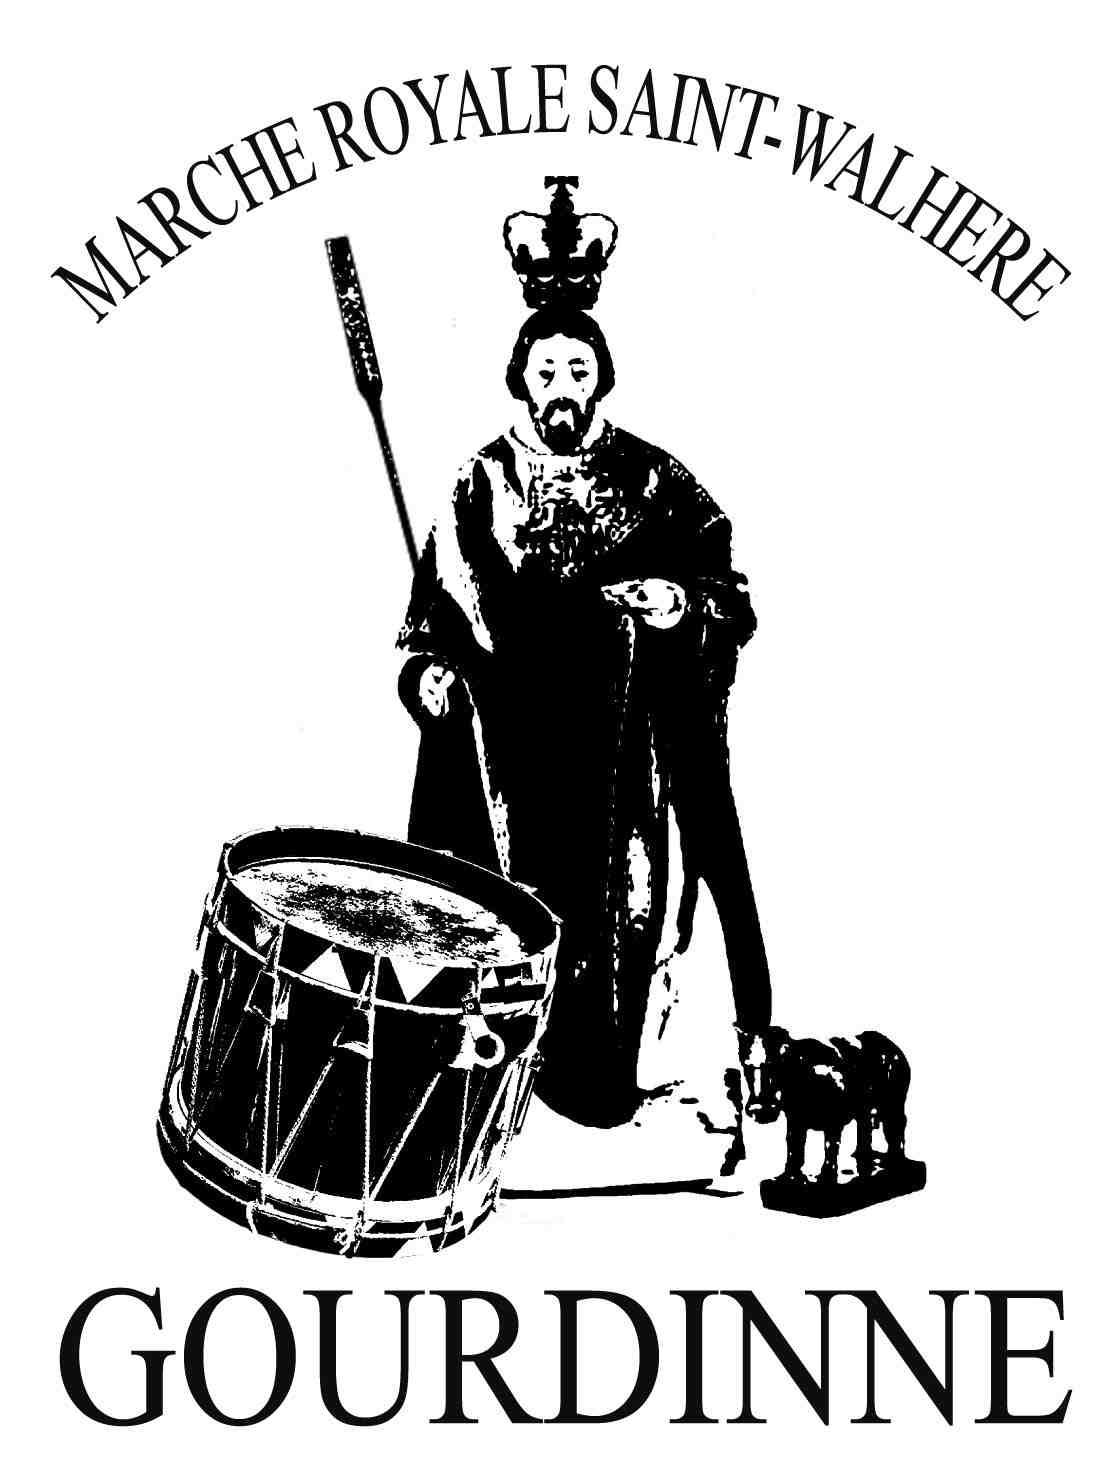 Les marcheurs de la Saint Walhère